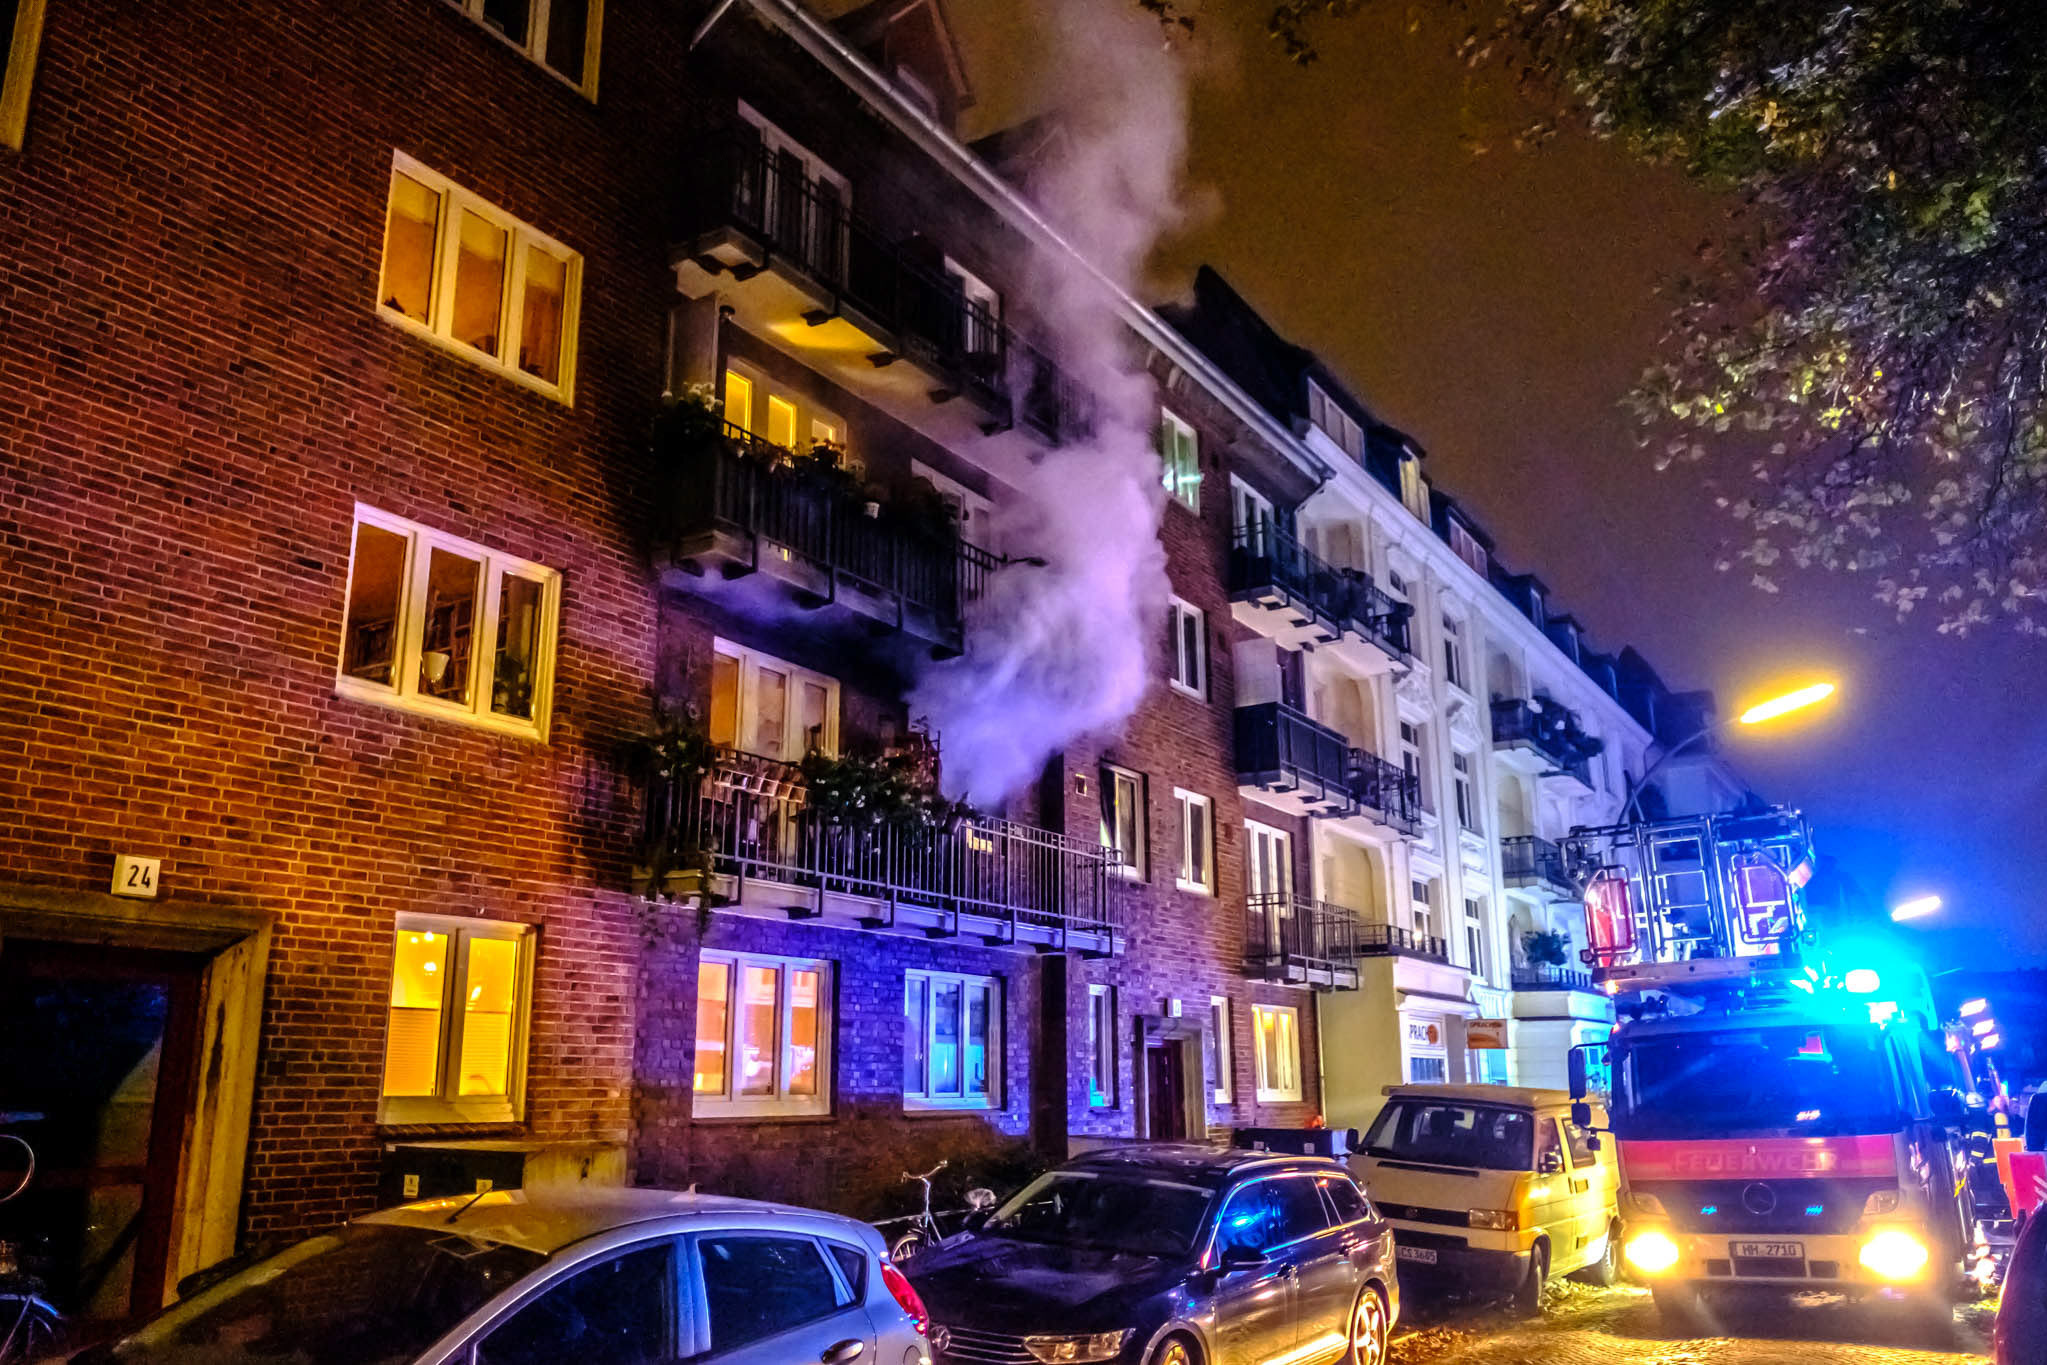 Michael Arning - 2018-10-30 Wohnungsbrand in Hoheluft